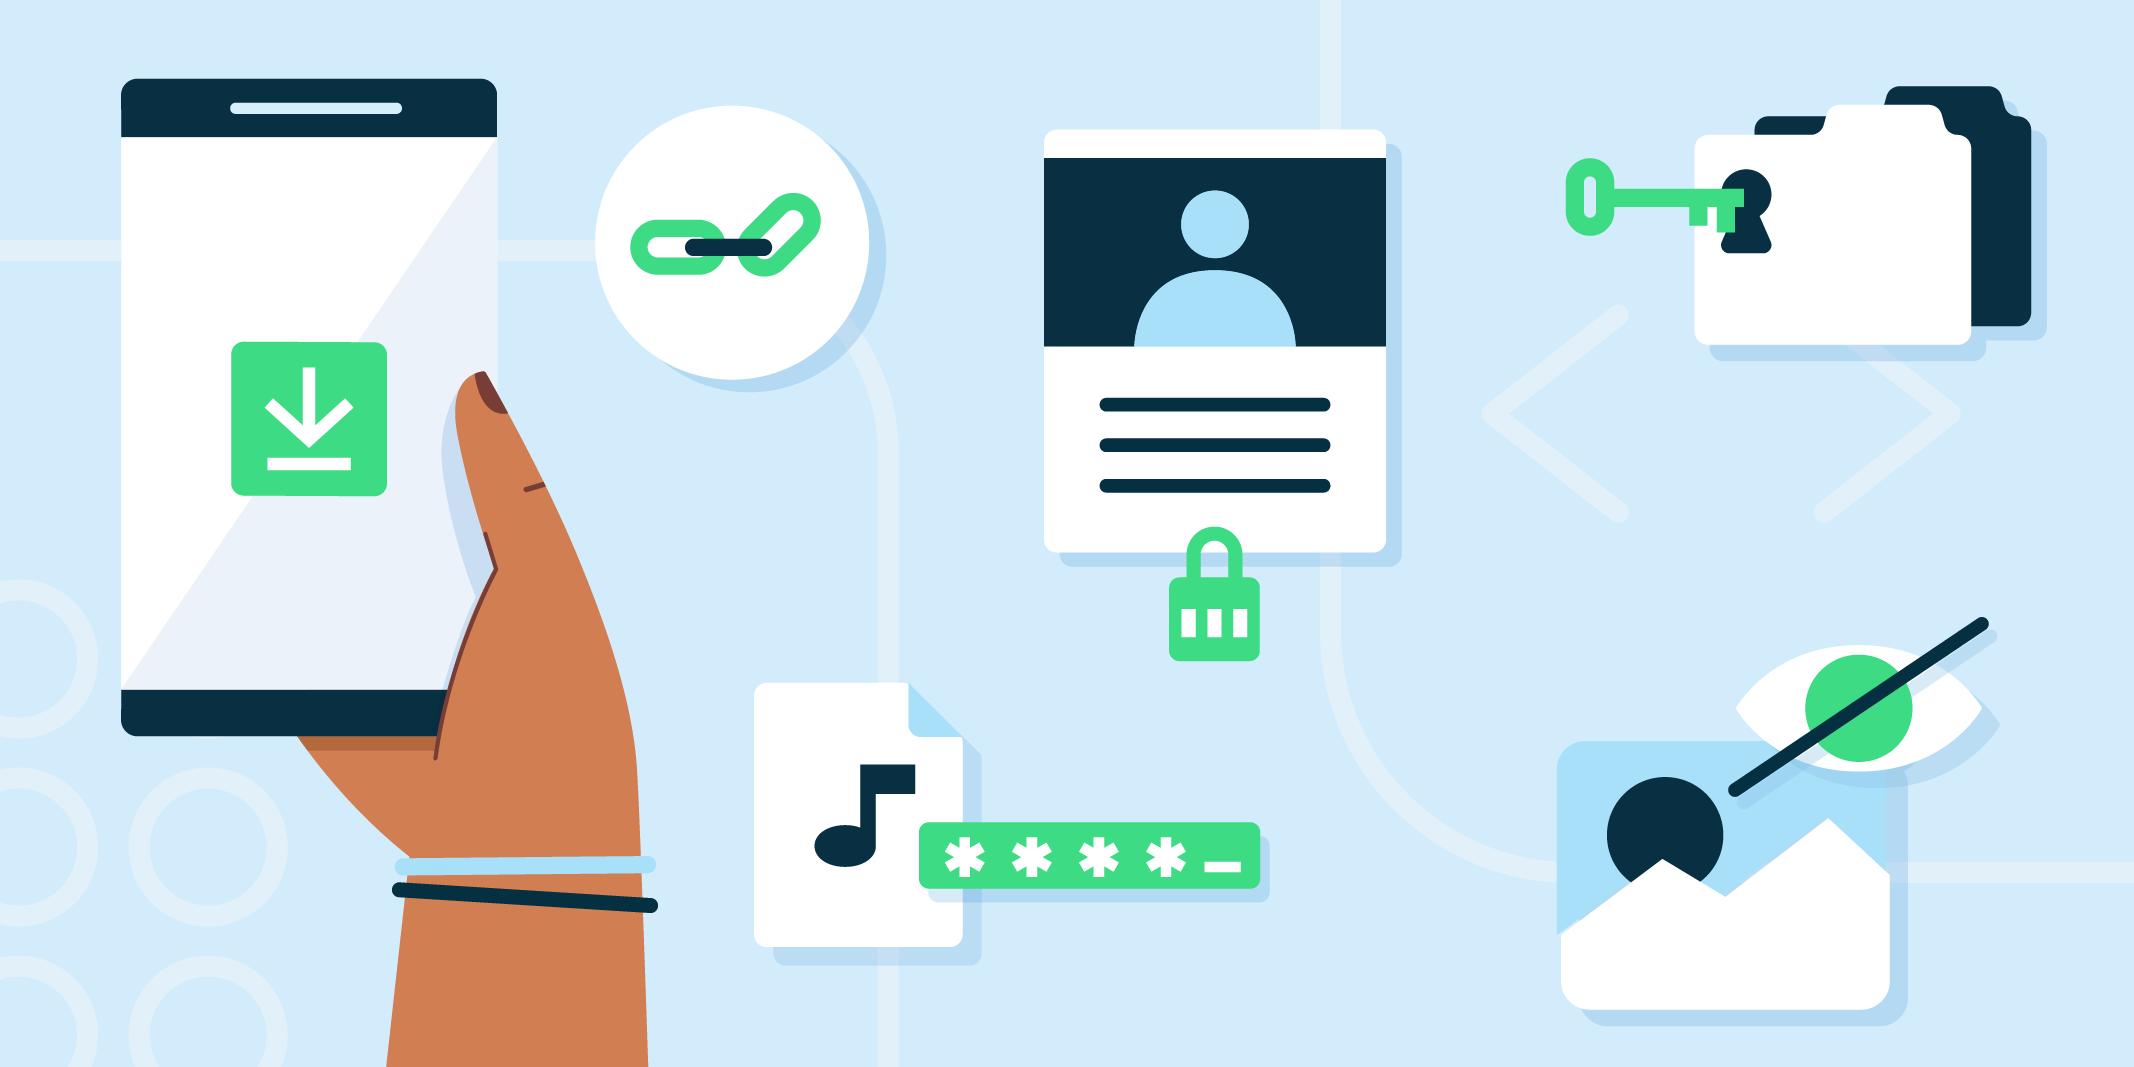 privasi data Play Store yang baru